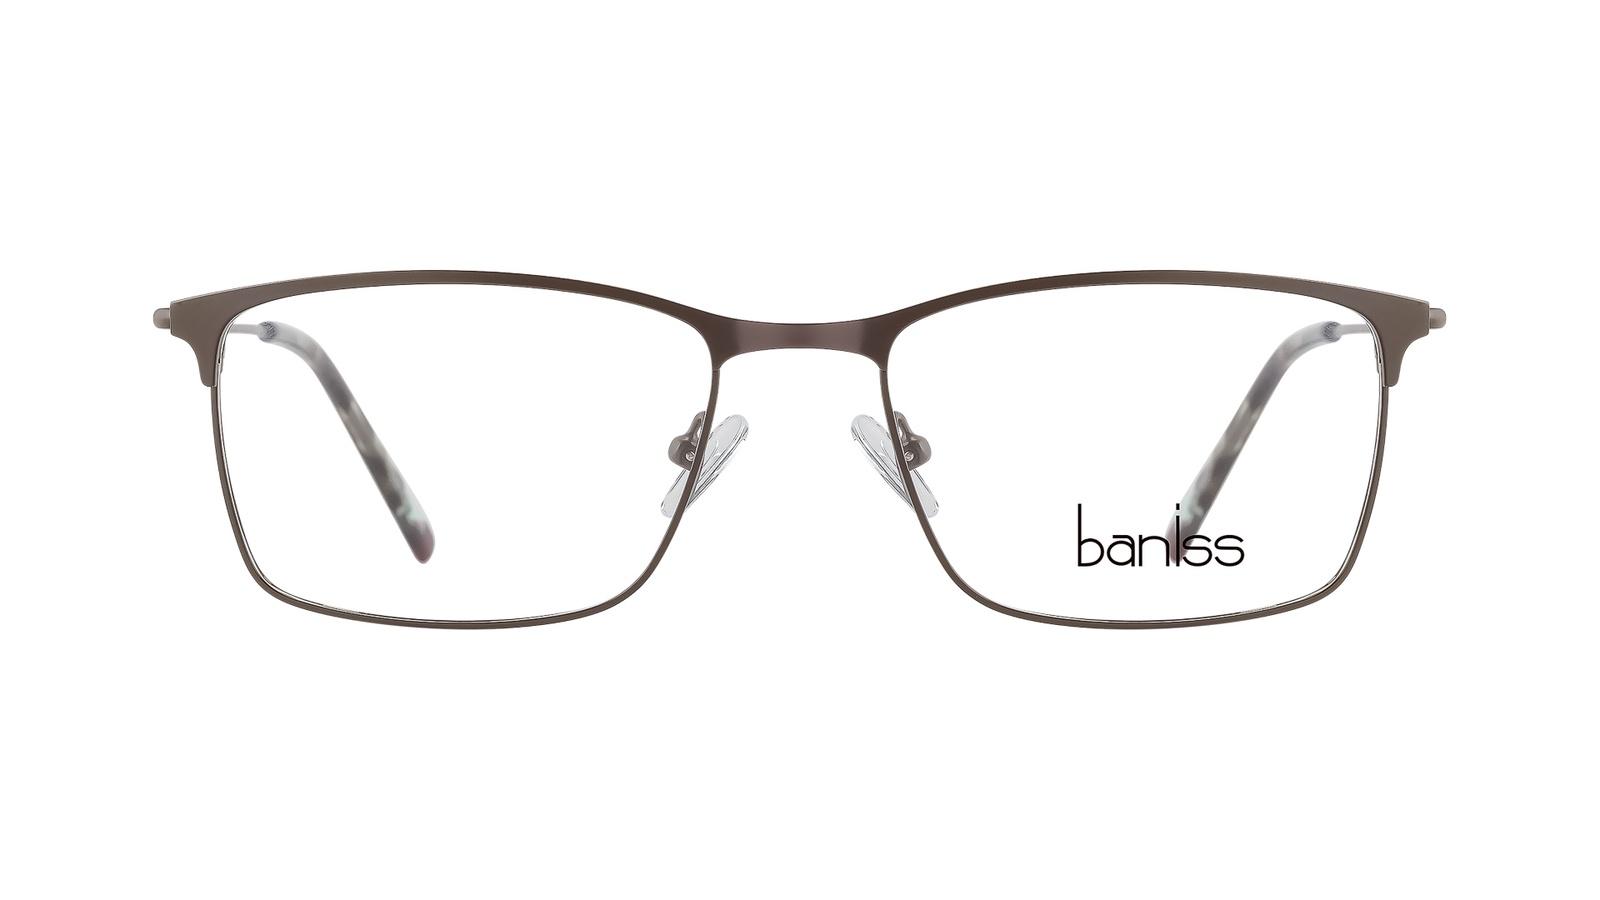 Оправа для очков, BANISS, металл, BR6015 C02